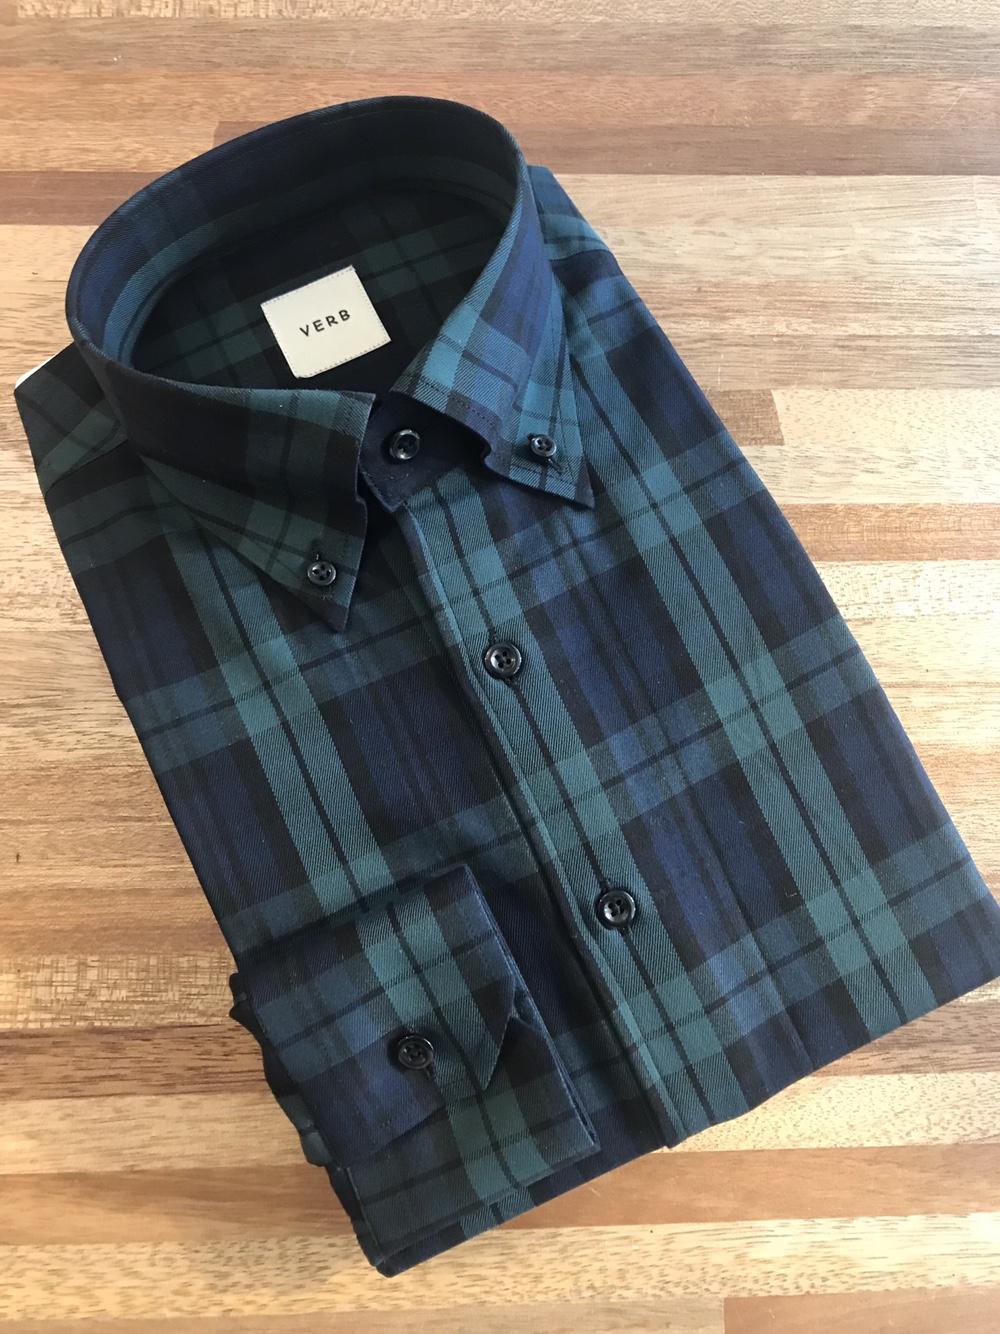 벌브셔츠 블랙와치(타탄체크) 버튼다운셔츠